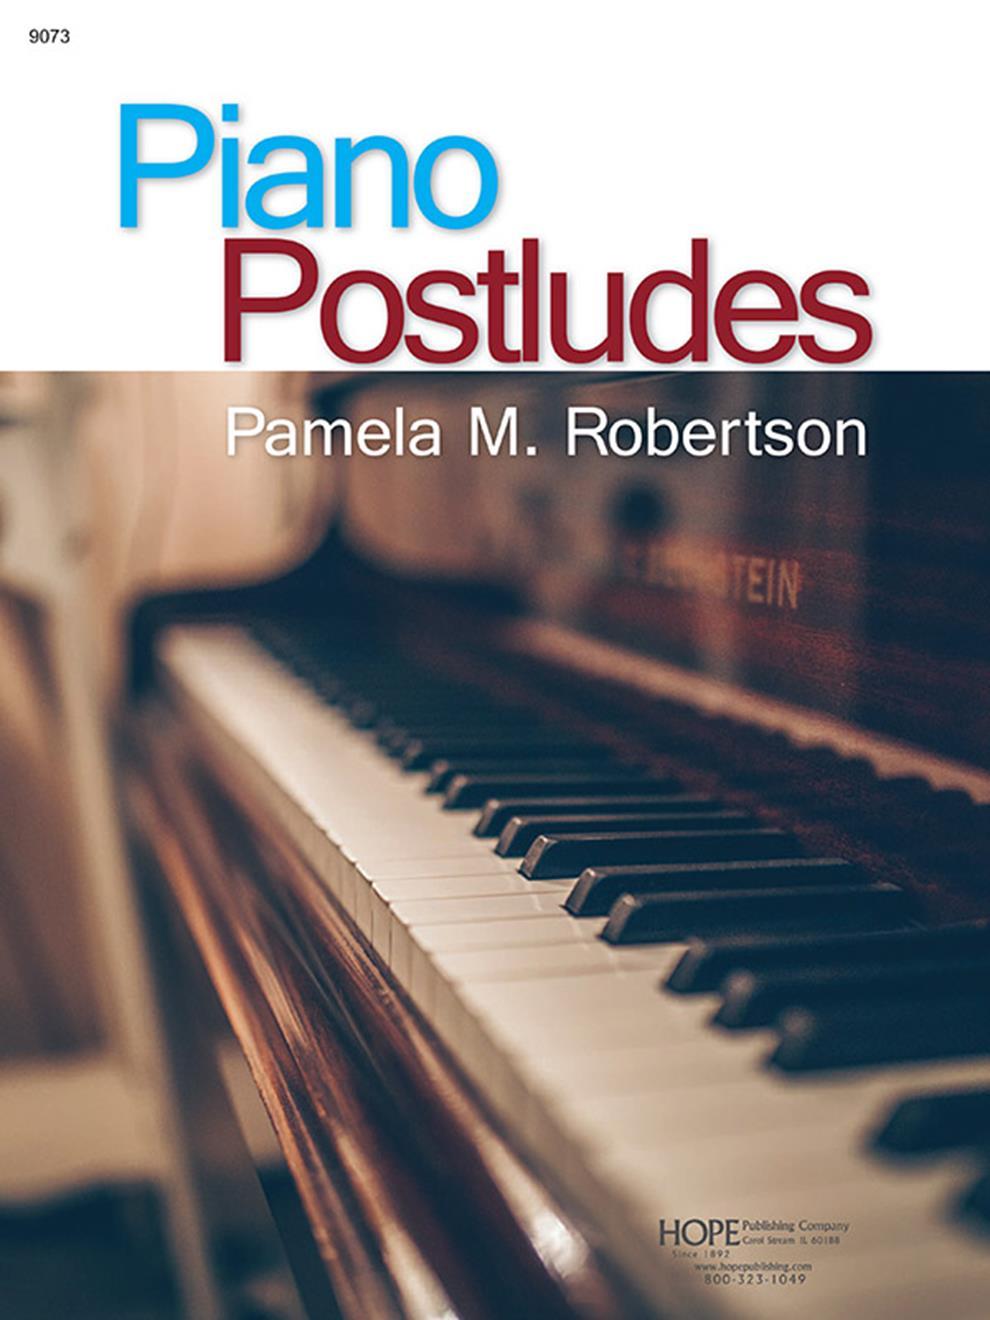 Piano Postludes Cover Image